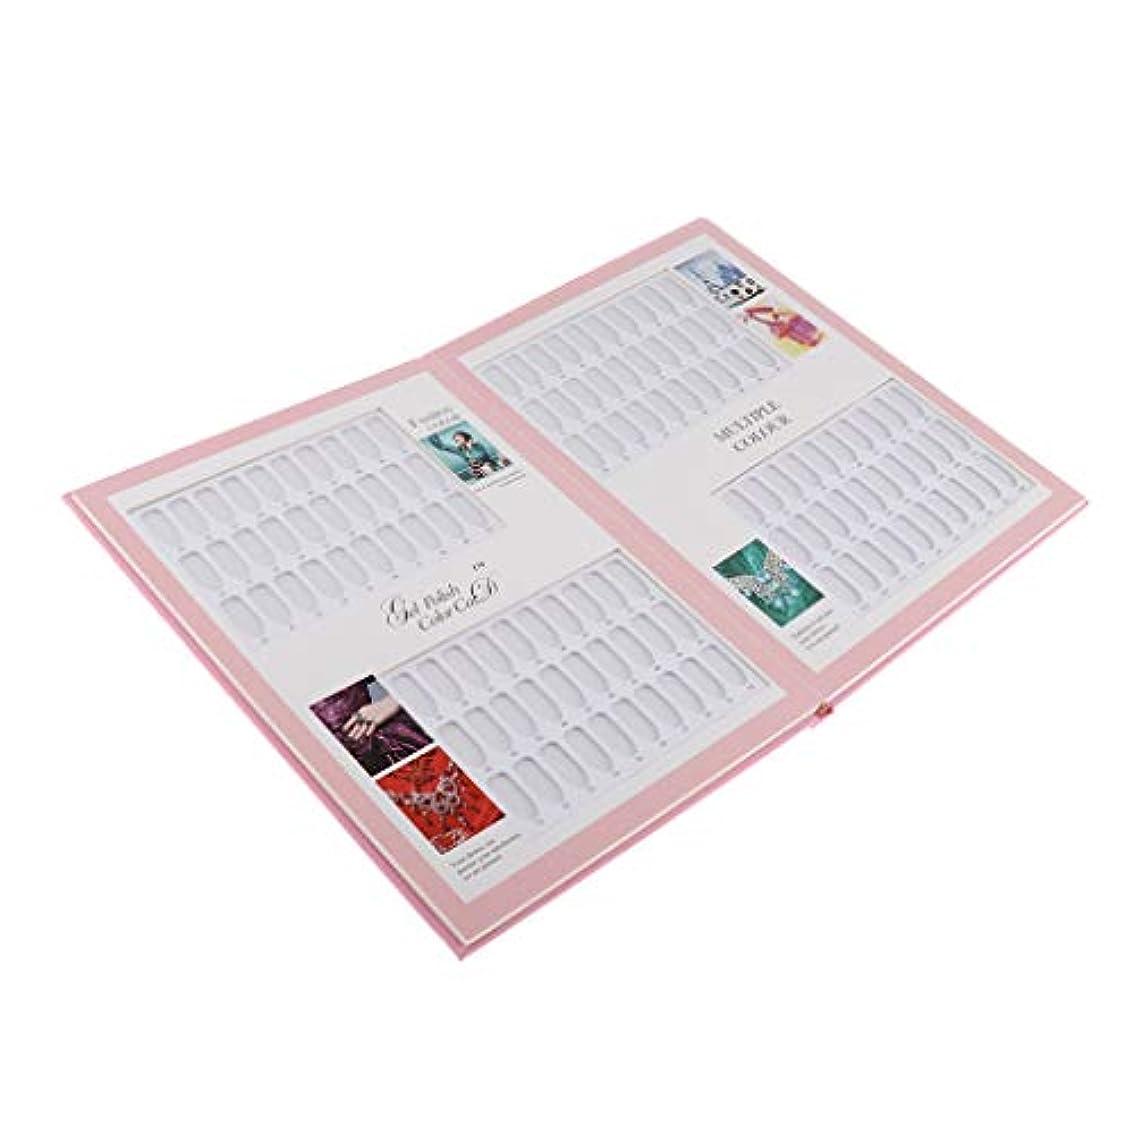 試用ジレンマ花婿ネイルカラーガイド ネイルアート マニキュア色見本 ネイルカラーカードブック ネイルディスプレイ 全3種 - 06